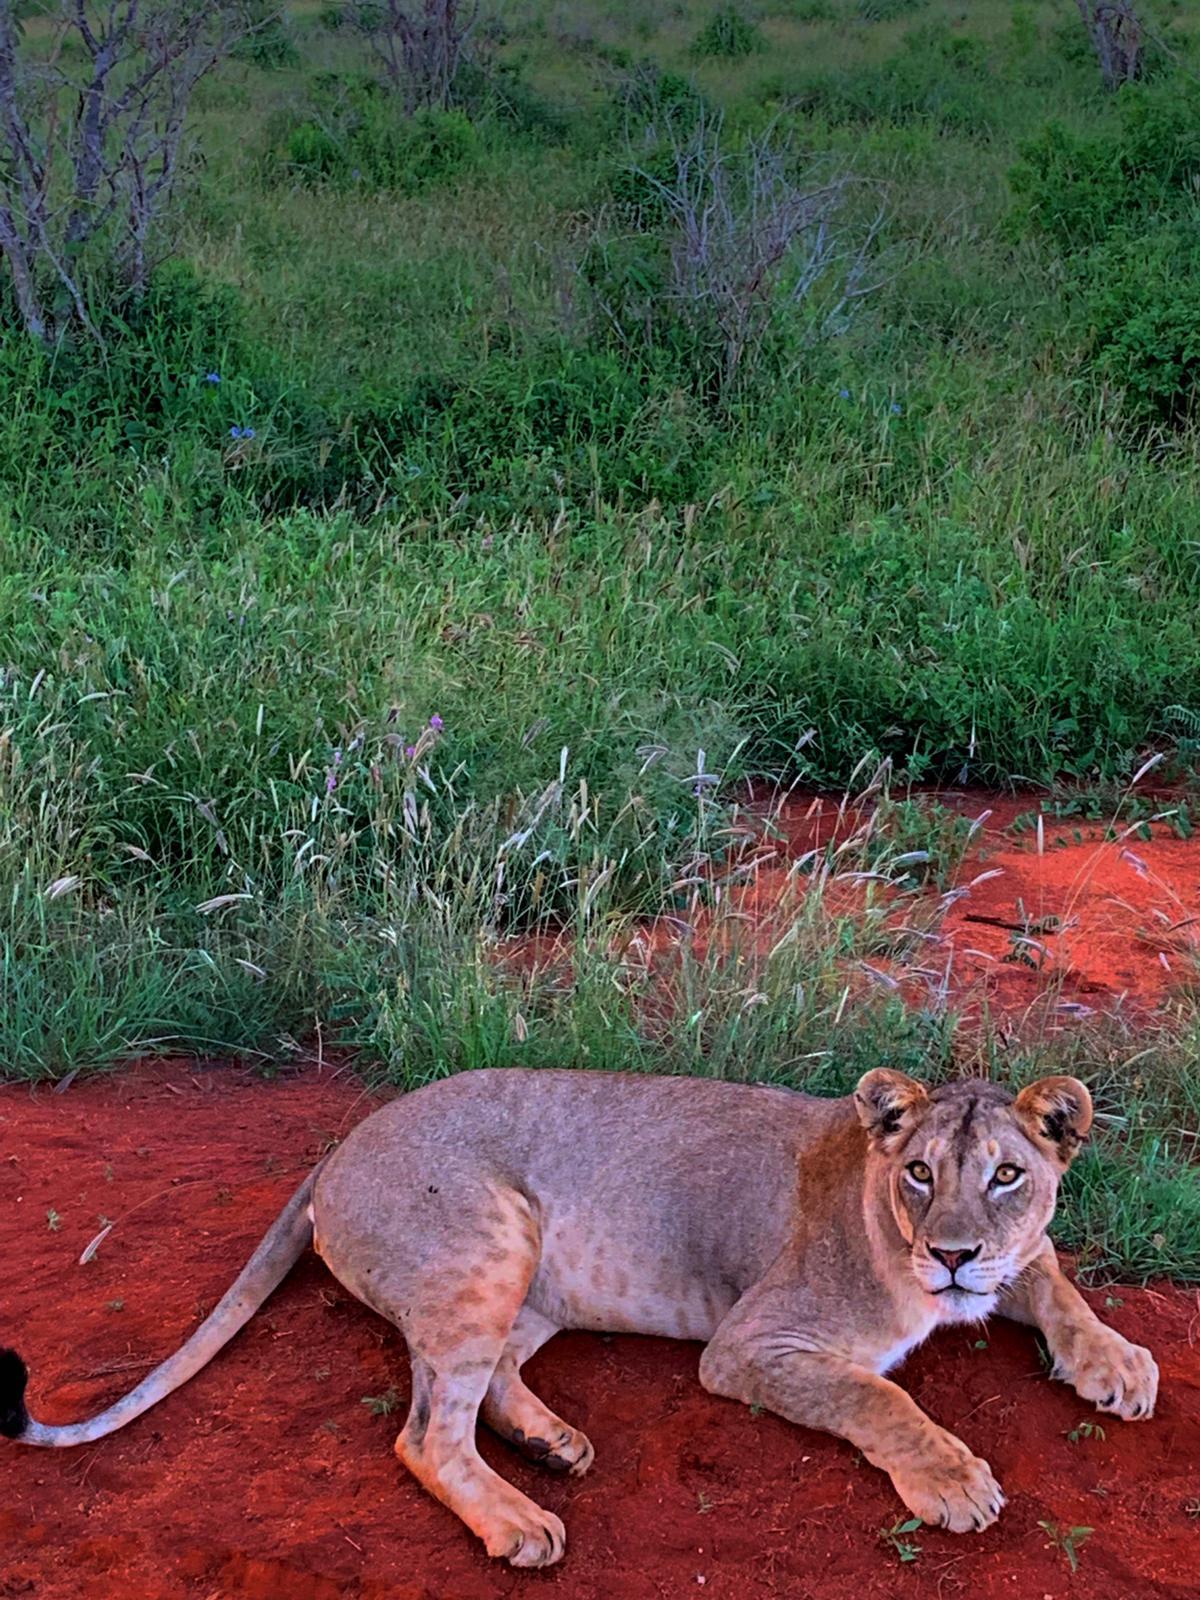 WhatsApp Image 2019 12 16 at 13.45.281 - Safari Samburu . Olpejeta . Lago Nakuru . Lago Bogoria . Lago Naivasha . Masai Mara . Nairobi . Amboseli . Tsavo Ovest . Taita Hills . Tsavo Est